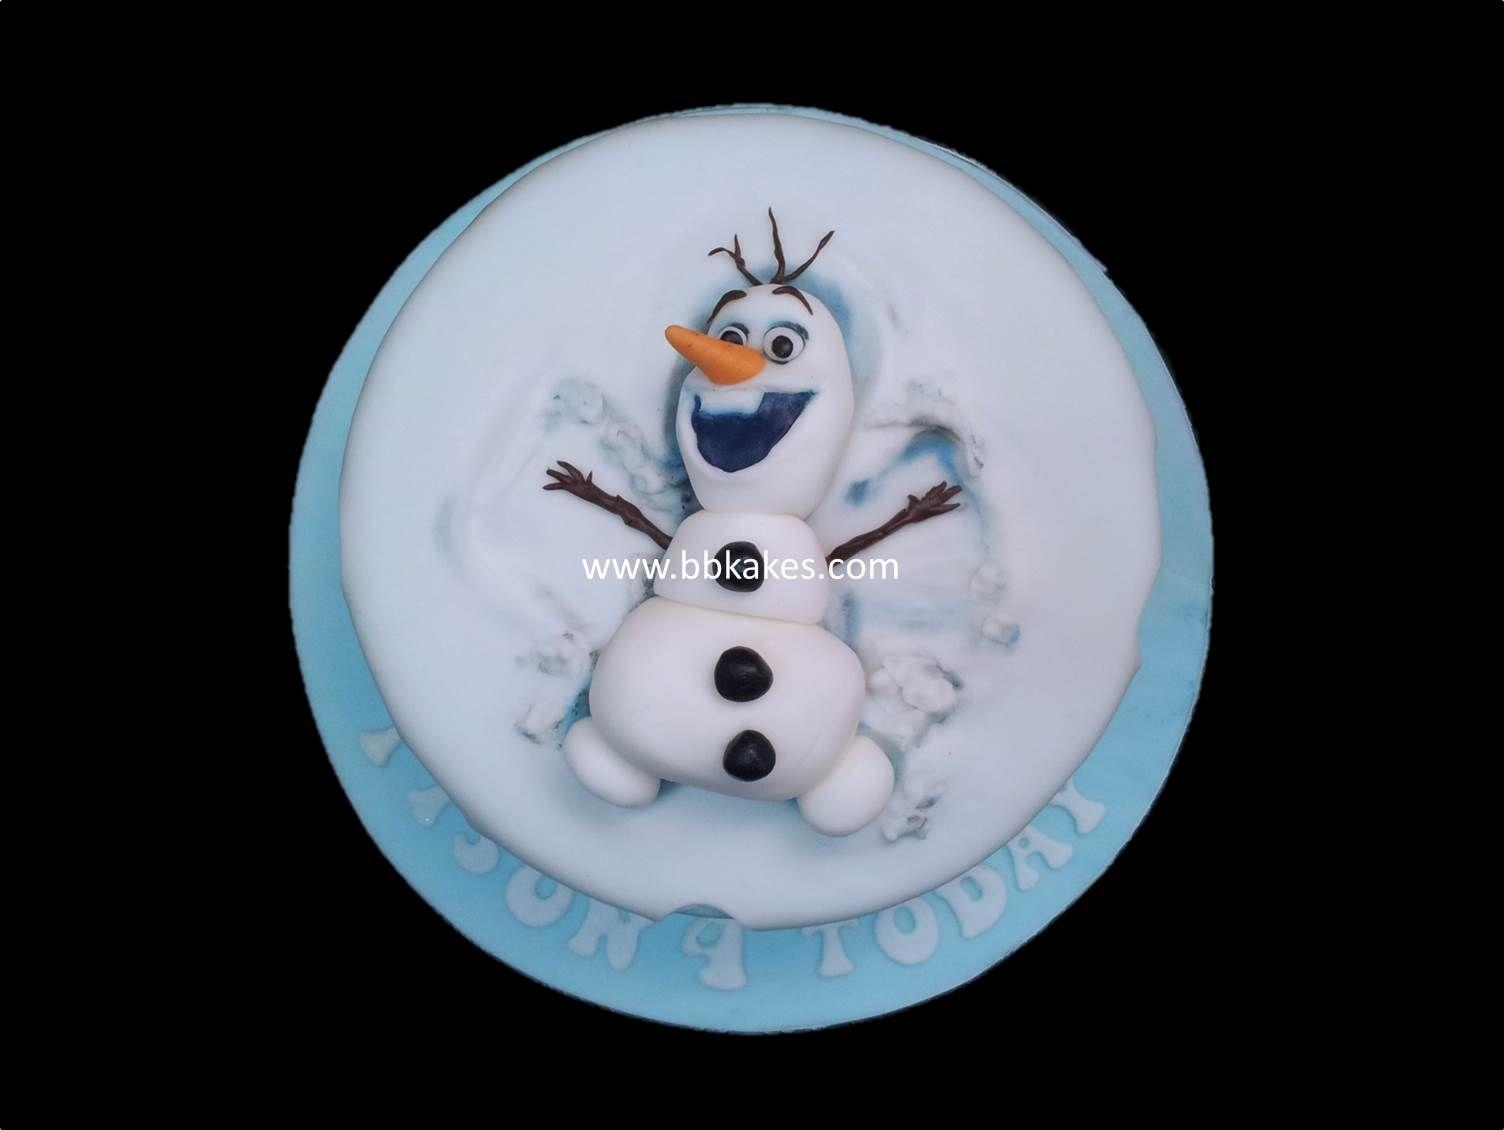 Frozen Olaf Snow Angel Cake Bbkakes Childrens Birthday Cakes